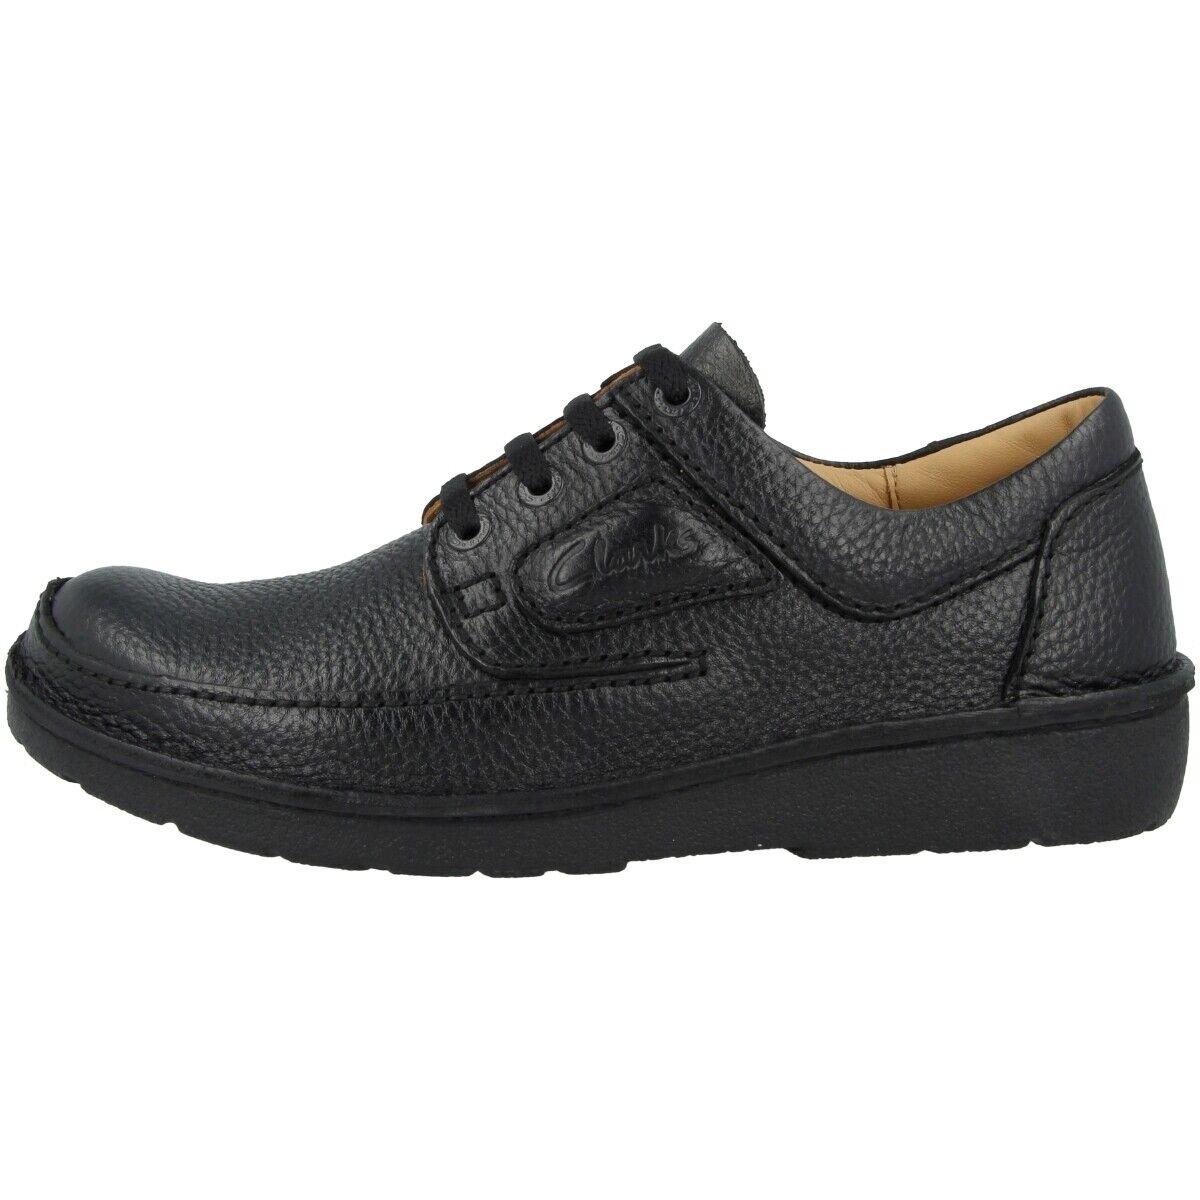 Clarks Nature II Schuhe Herren Halbschuhe Leder Freizeit Schnürschuhe 26142039